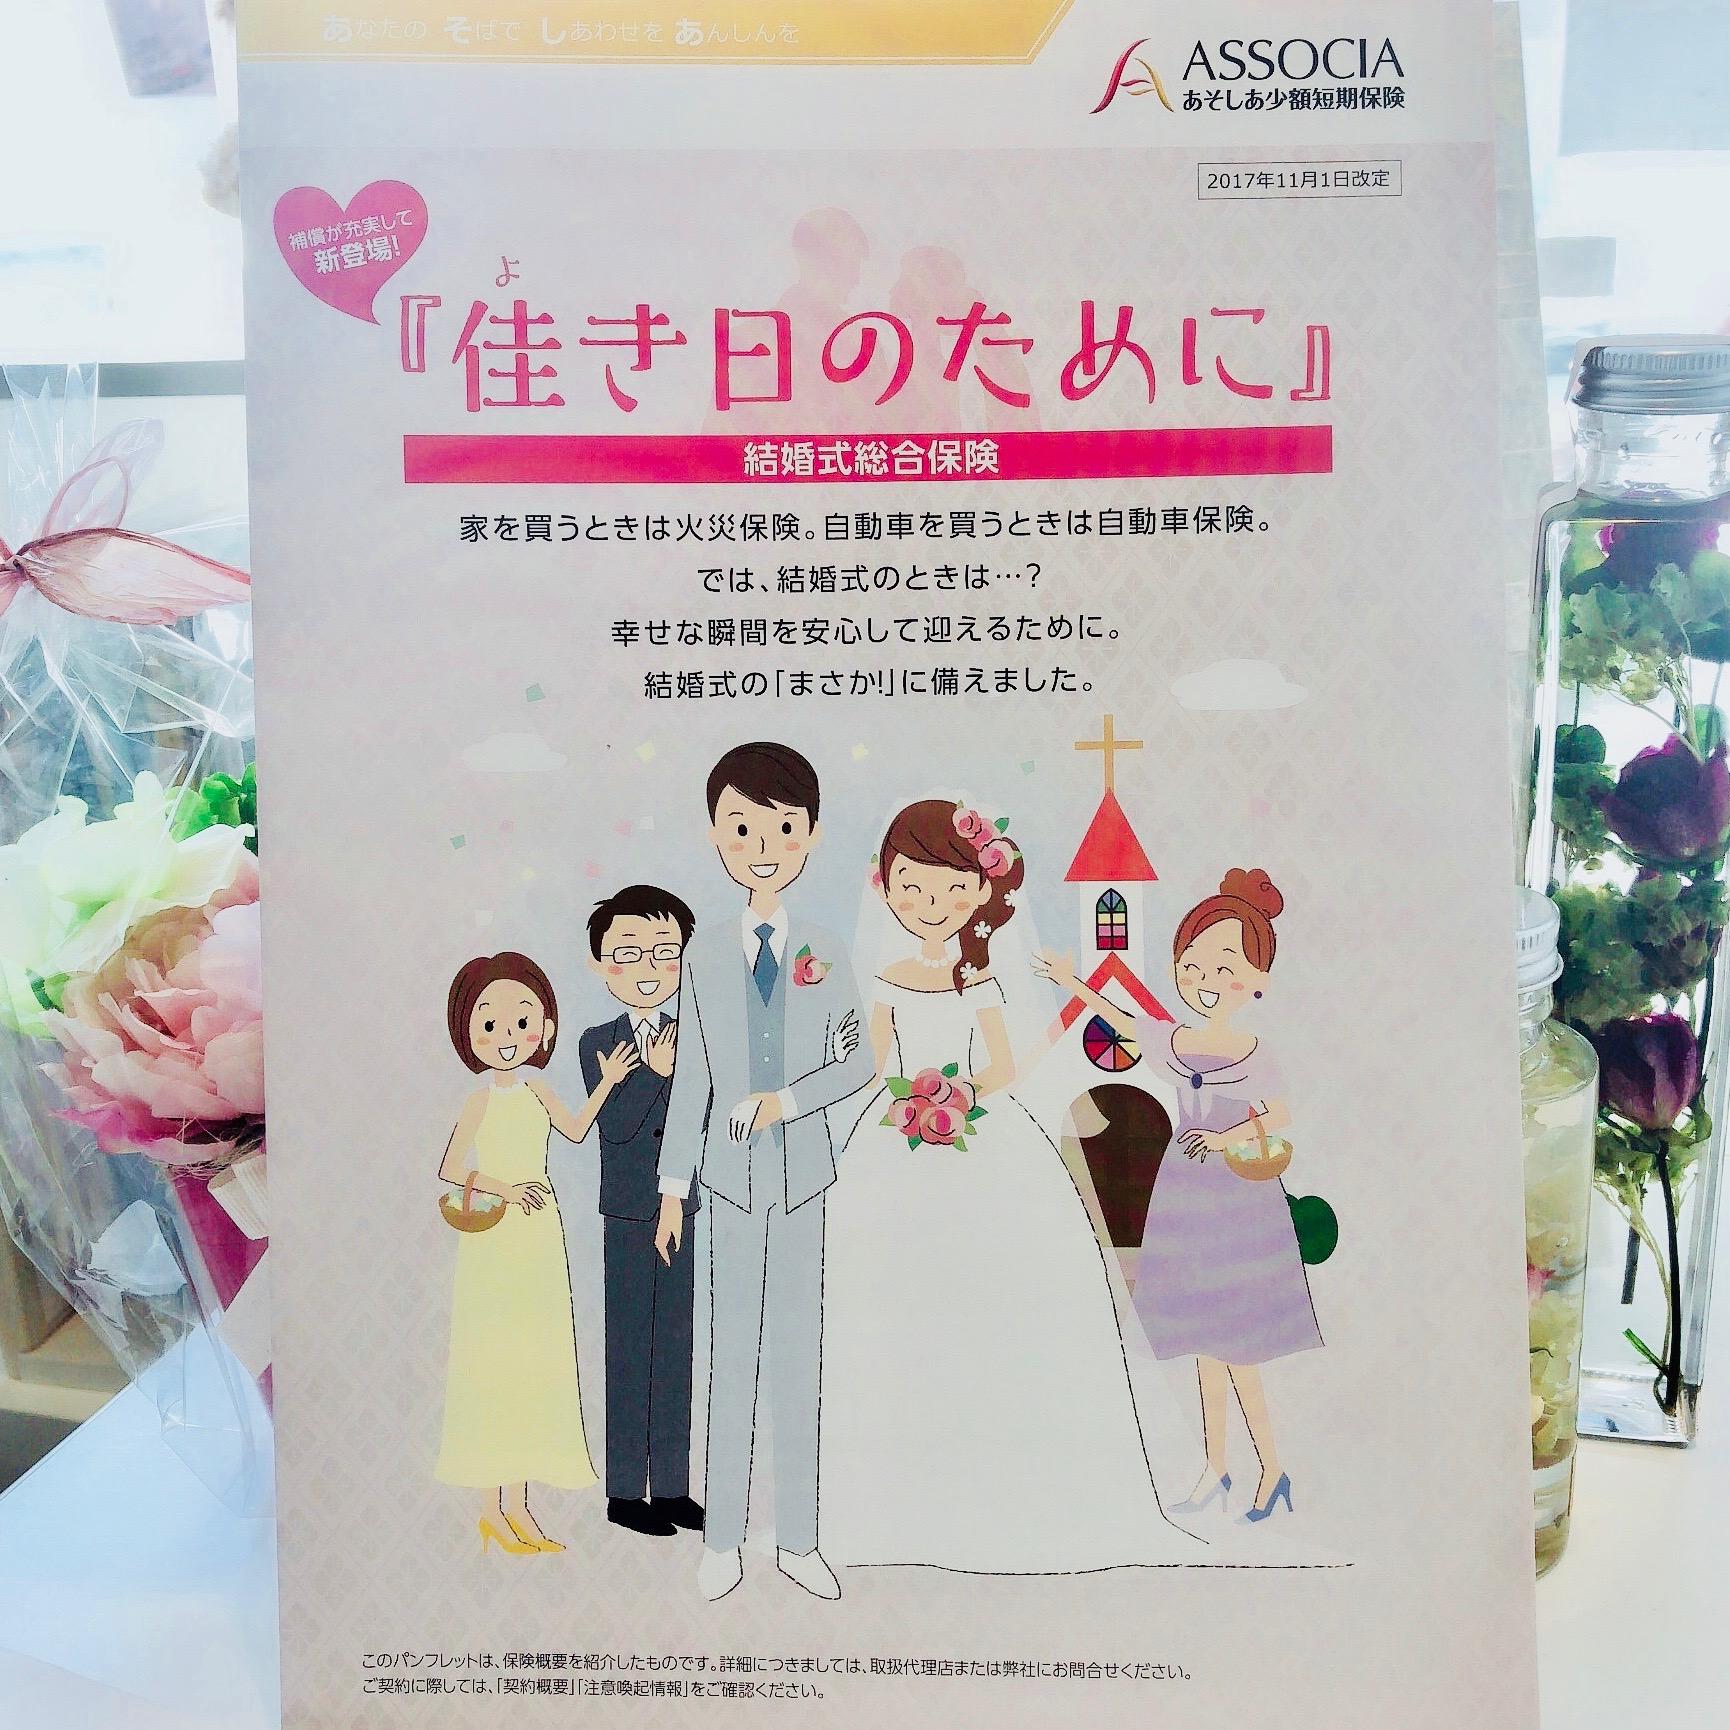 結婚式総合保険契約締結期限/横浜 元町 ウエディングサロン